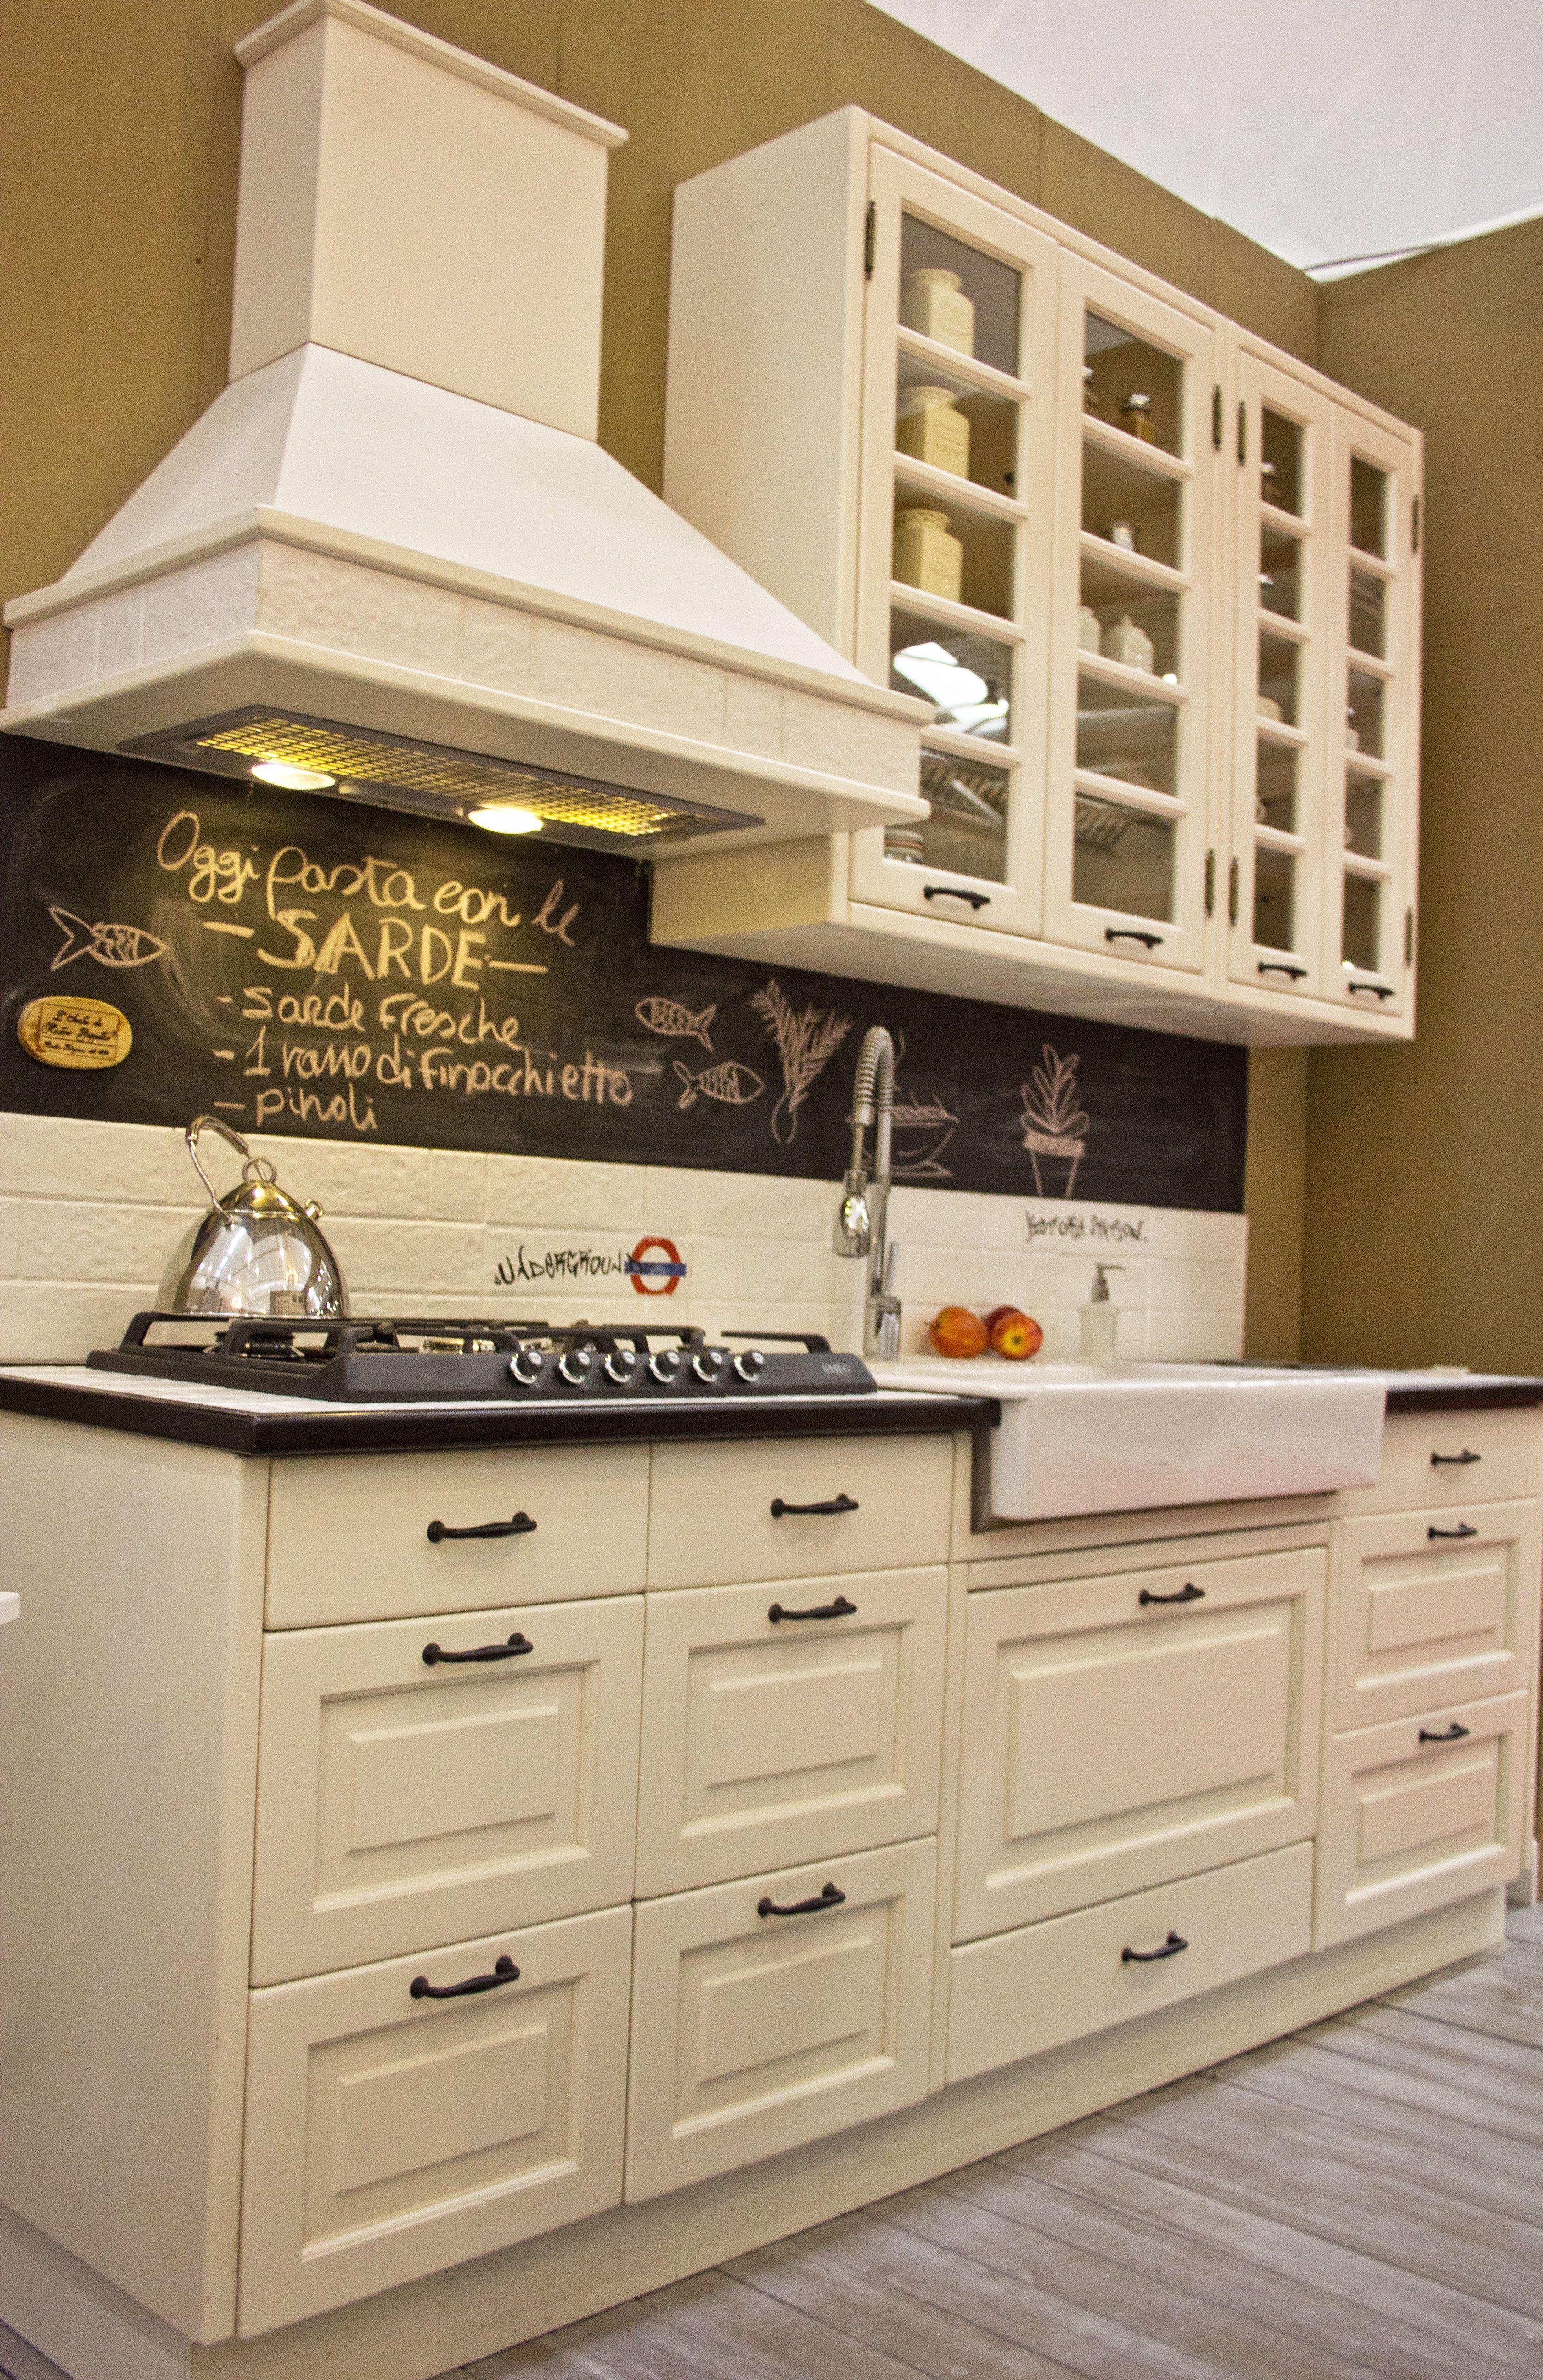 Cucina stile americano con lavagna per scrivere ogni pensiero la lista ella spesa ingredienti - Lavagna per cucina ...